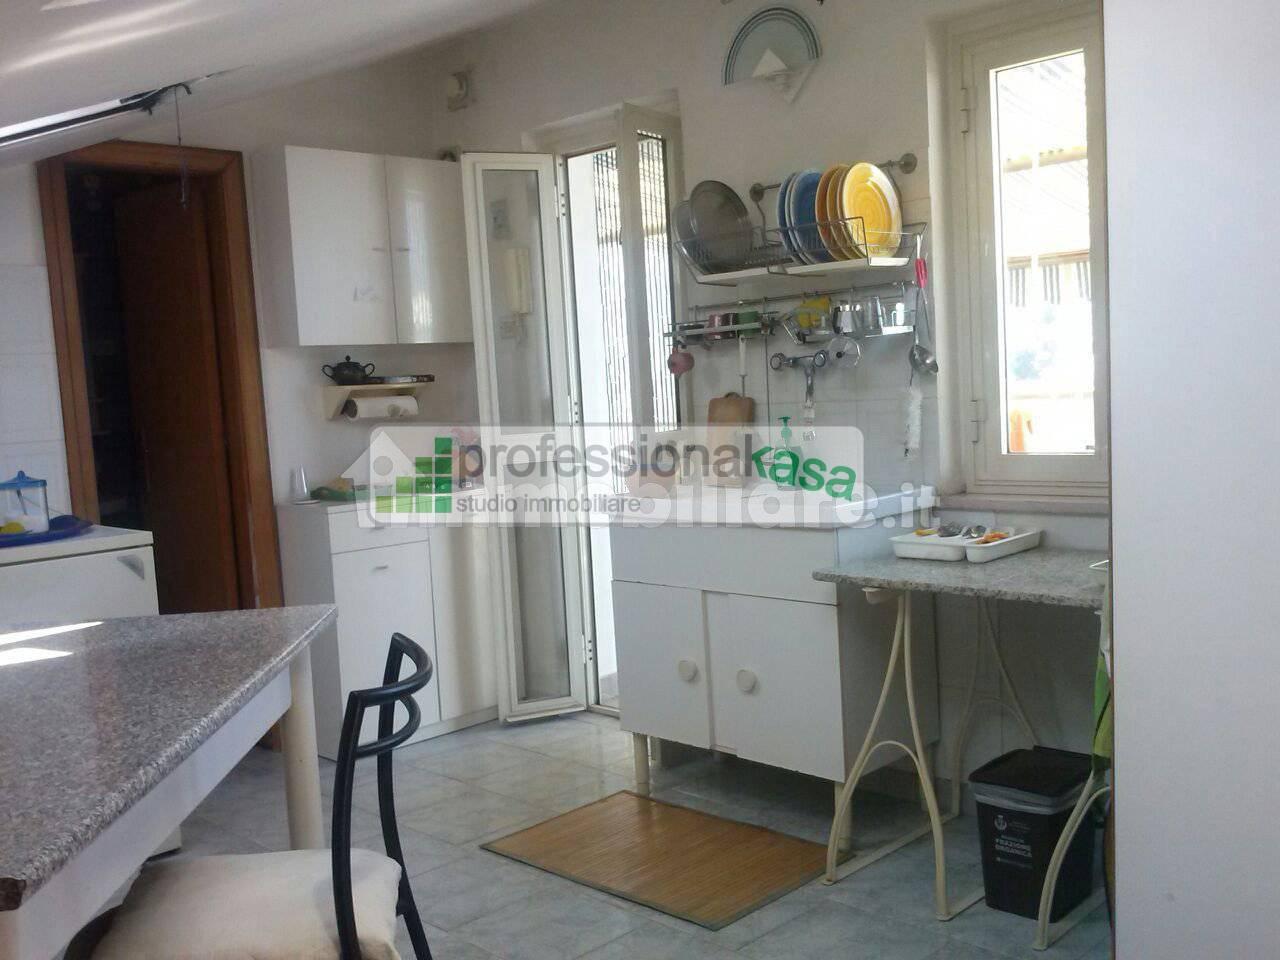 Attico / Mansarda in vendita a San Vito Chietino, 2 locali, zona Località: SanVitoMarina, prezzo € 95.000   PortaleAgenzieImmobiliari.it